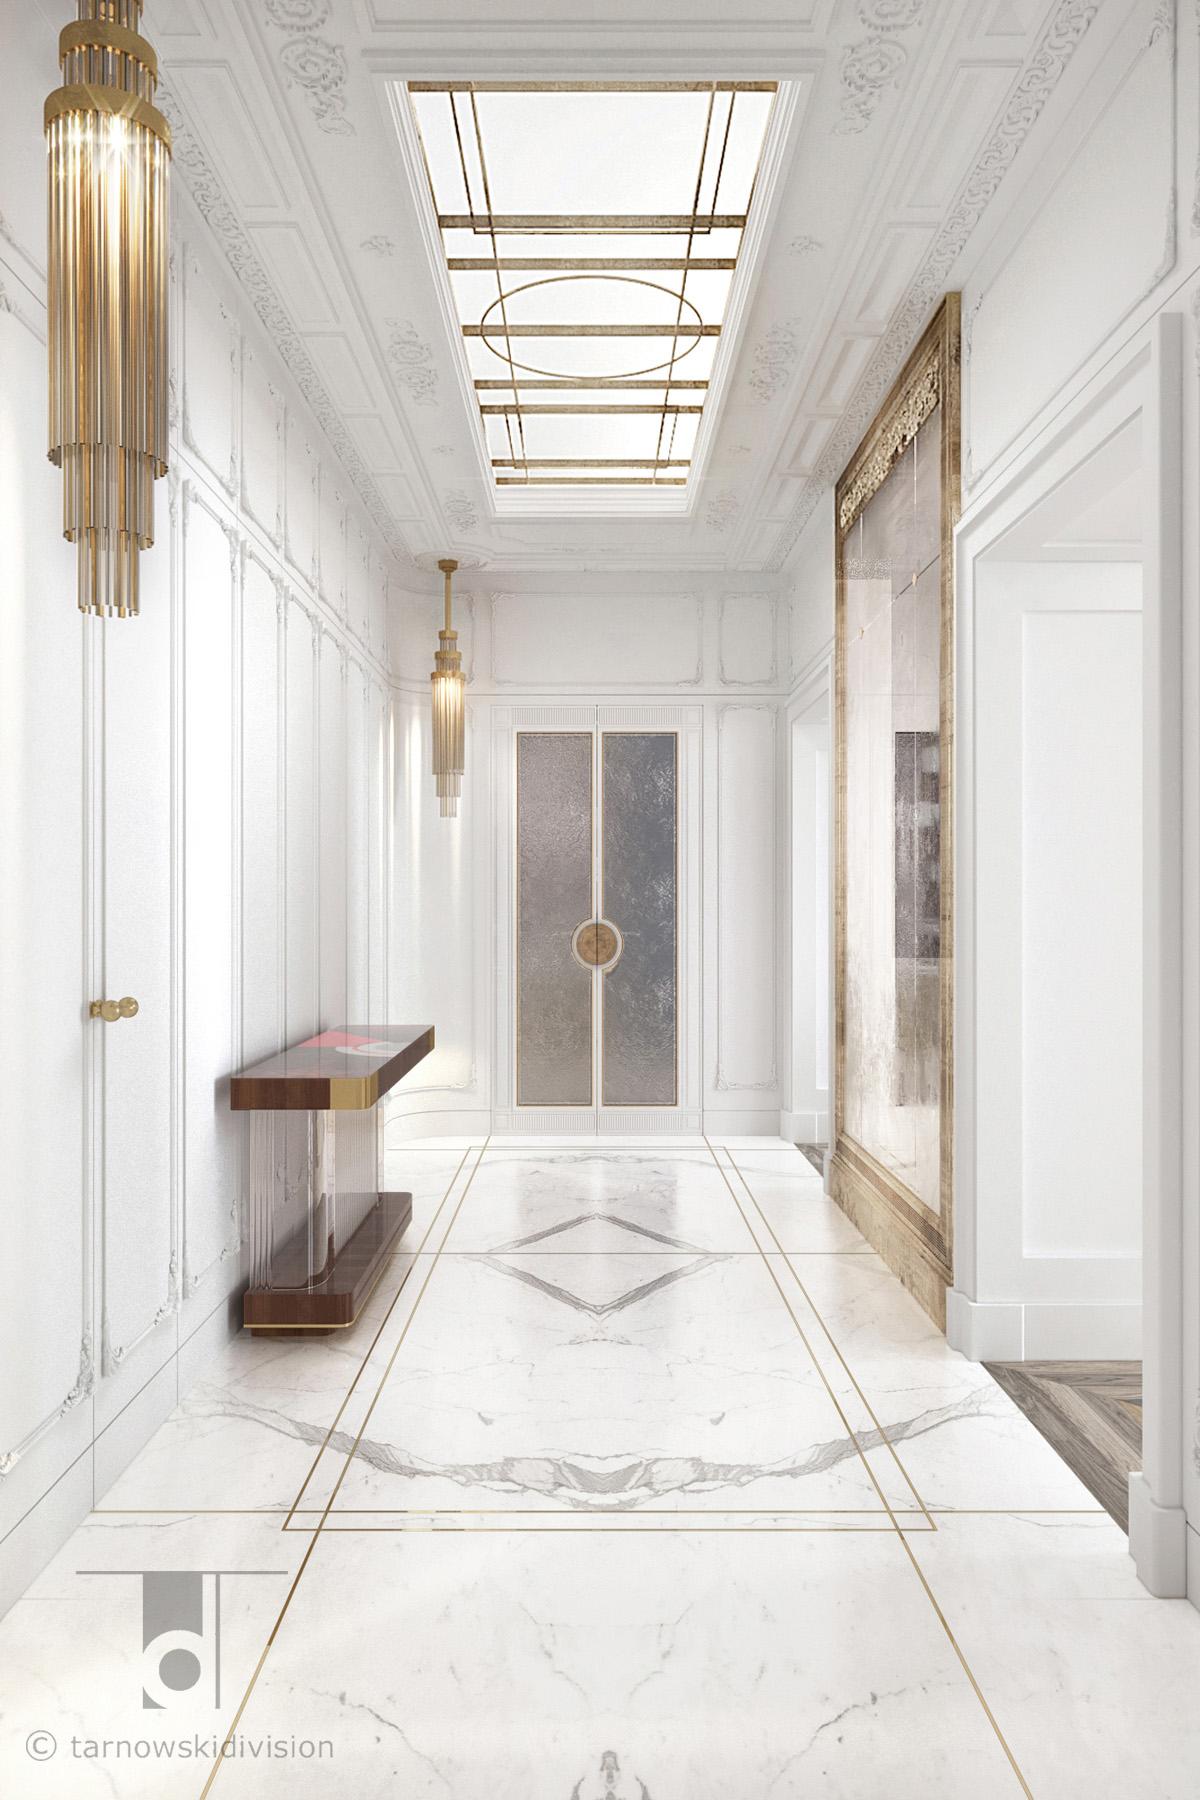 eleganckie wnętrze luksusowe wnętrze ekskluzywne wnętrza paryski apartament luxury hol lobby_tarnowski division